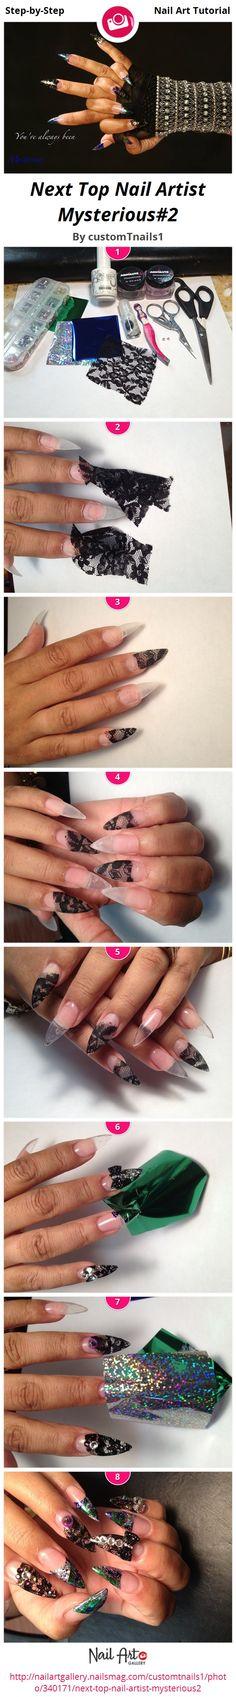 Next Top Nail Artist Mysterious#2 by customTnails1 - Nail Art Gallery Step-by-Step Tutorials nailartgallery.nailsmag.com by Nails Magazine www.nailsmag.com #nailart